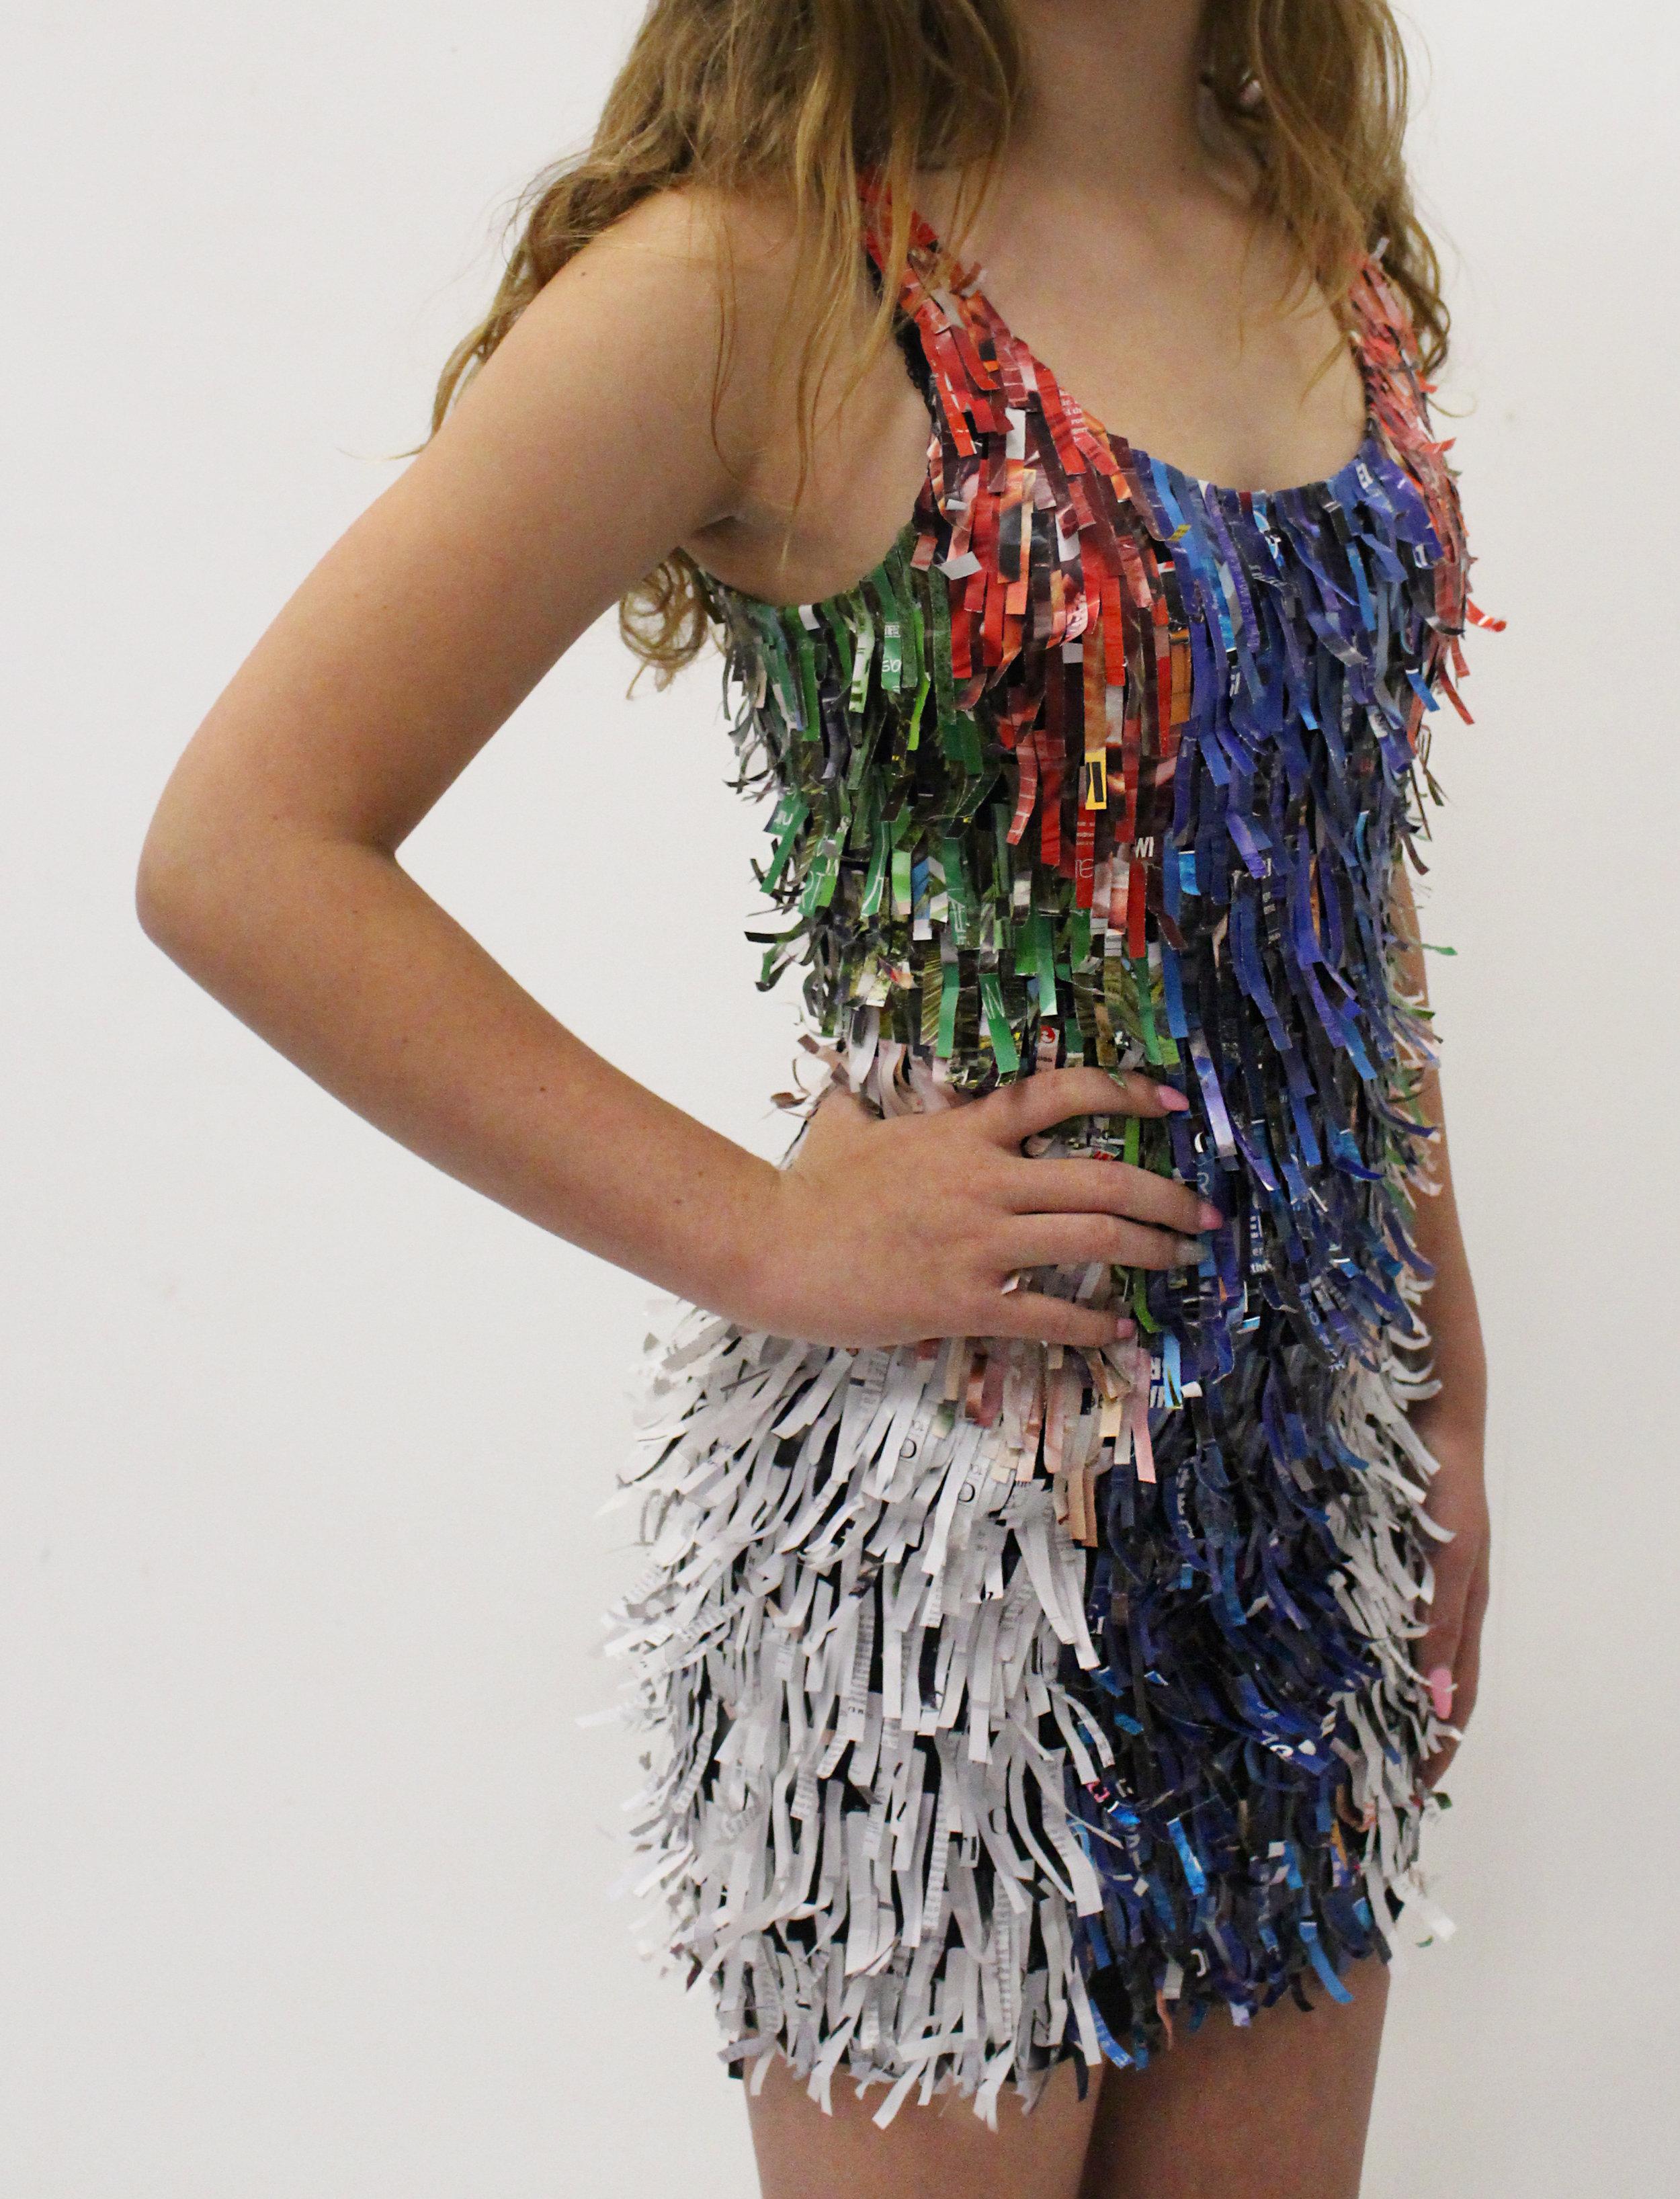 Fringe Dress Large File.jpg